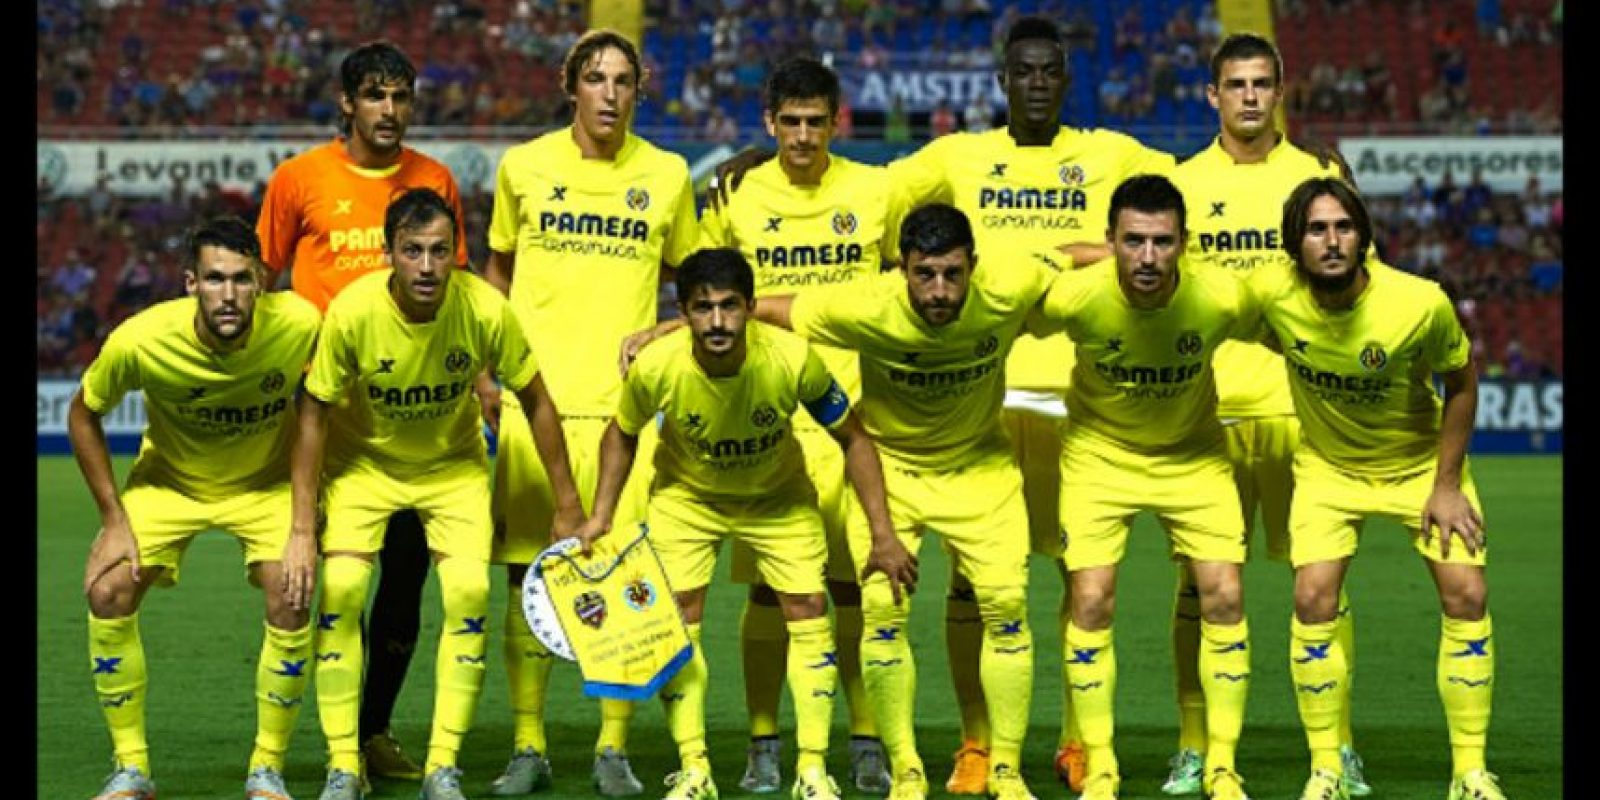 """El """"Submarino Amarillo"""" tiene 16 puntos, uno por encima del Barcelona y dos sobre el Real Madrid, los """"Gigantes"""" de la Liga. Foto:Getty Images"""